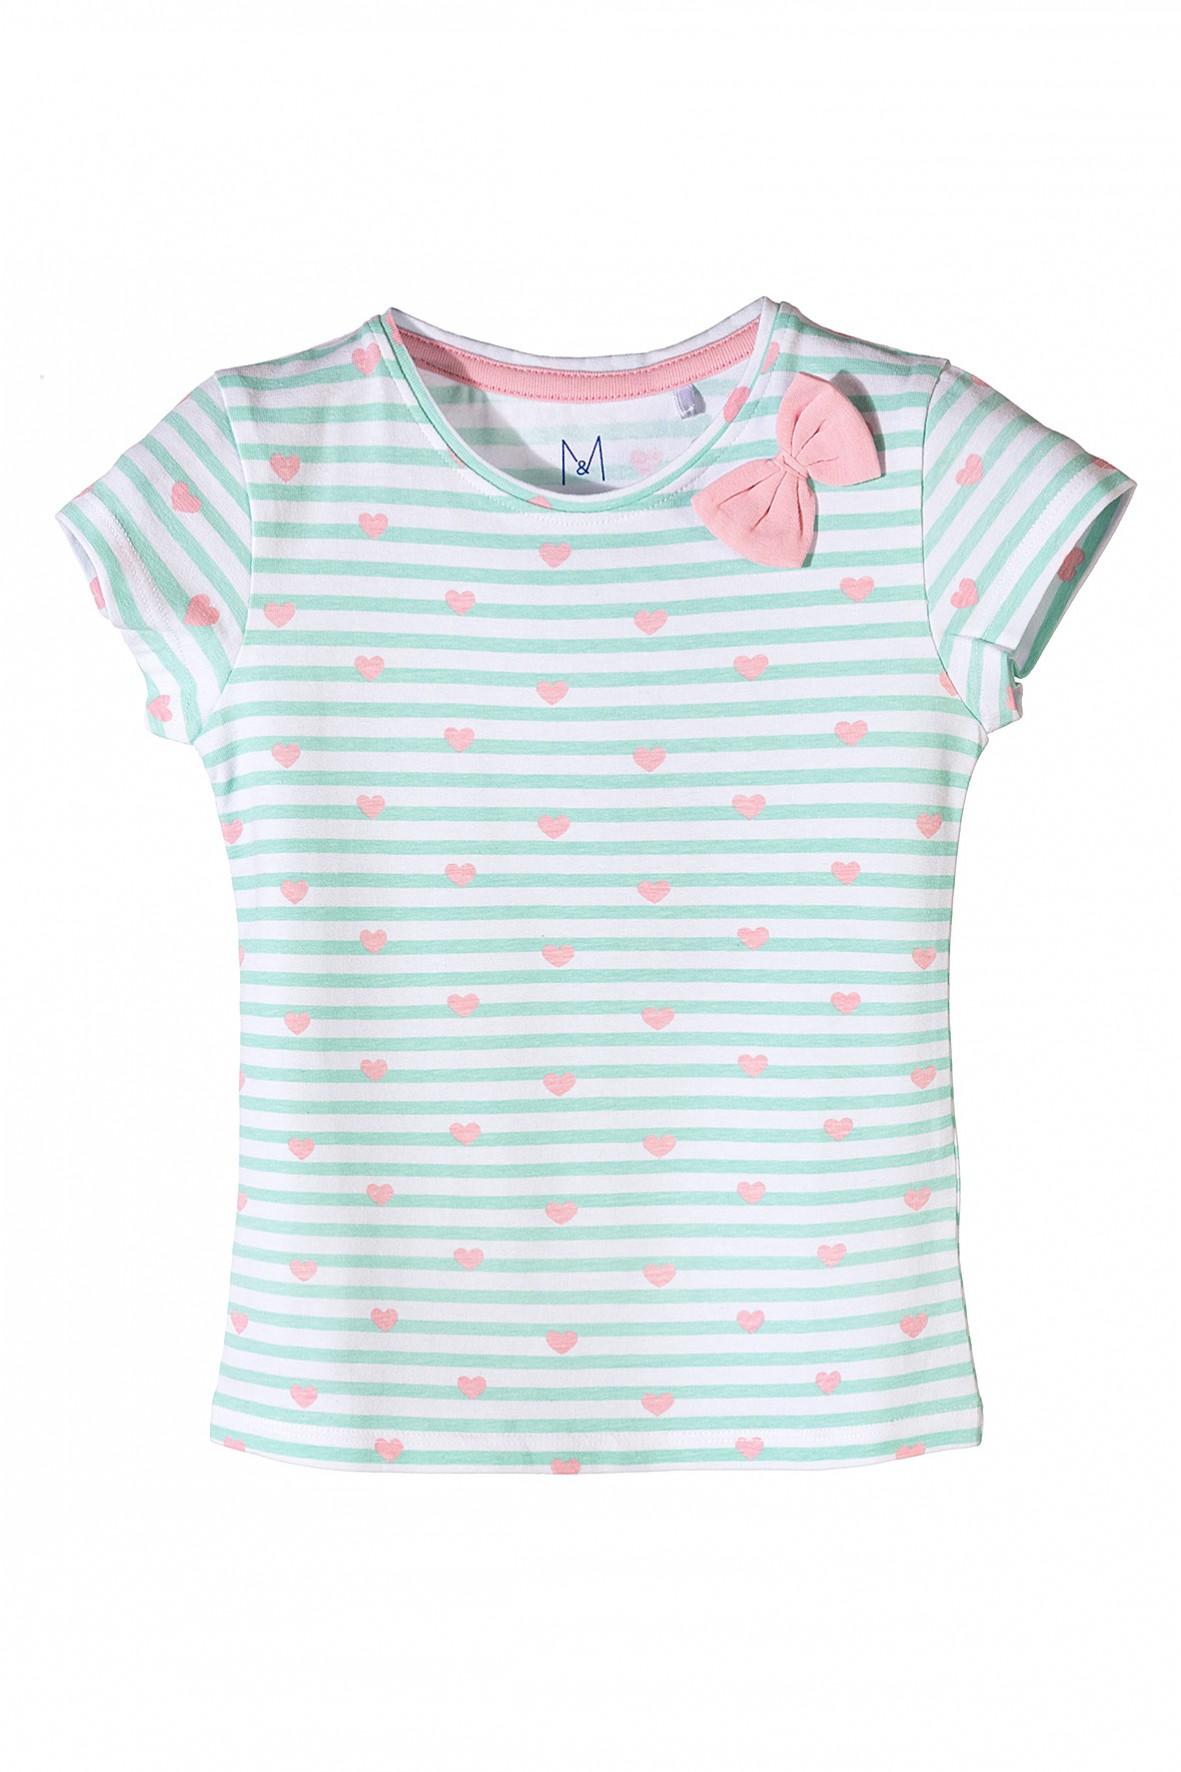 Koszulka dziewczęca w serduszka z ozdobną różową kokardką